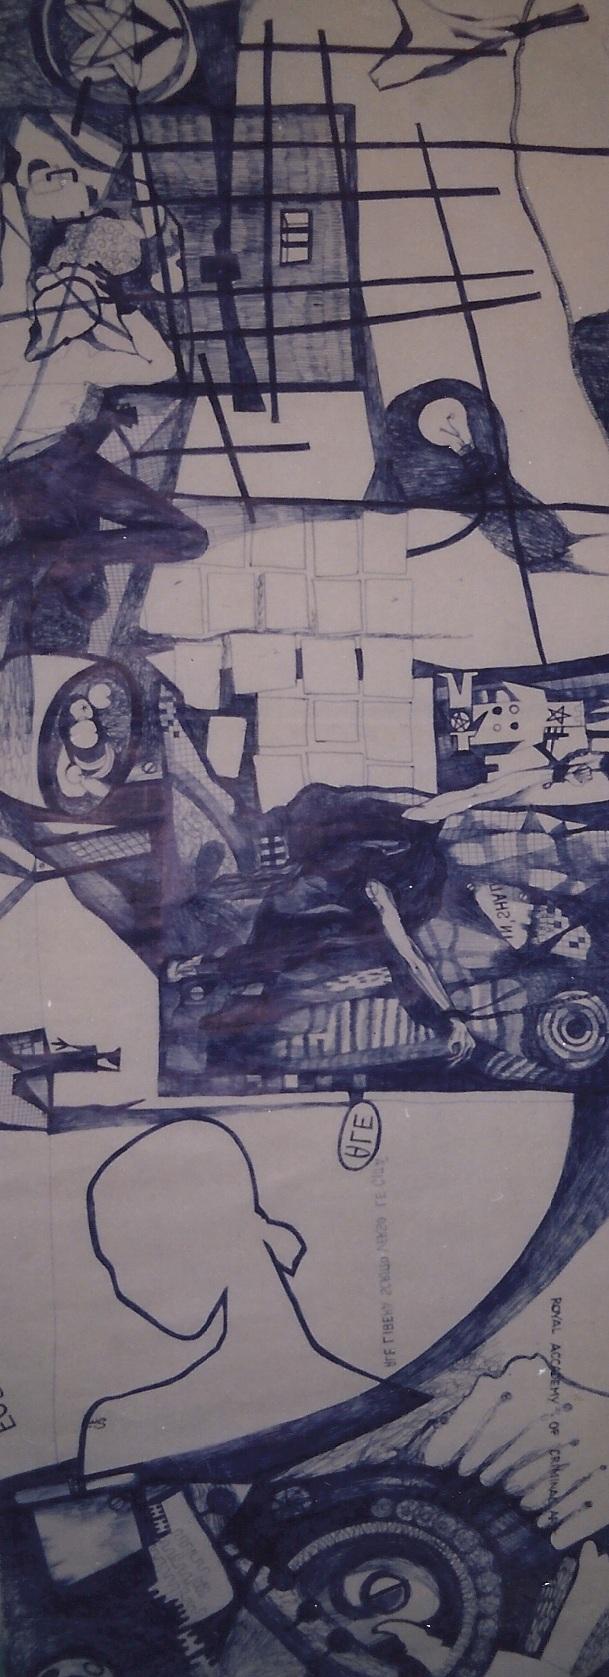 'Crimin Ale in bic'1997